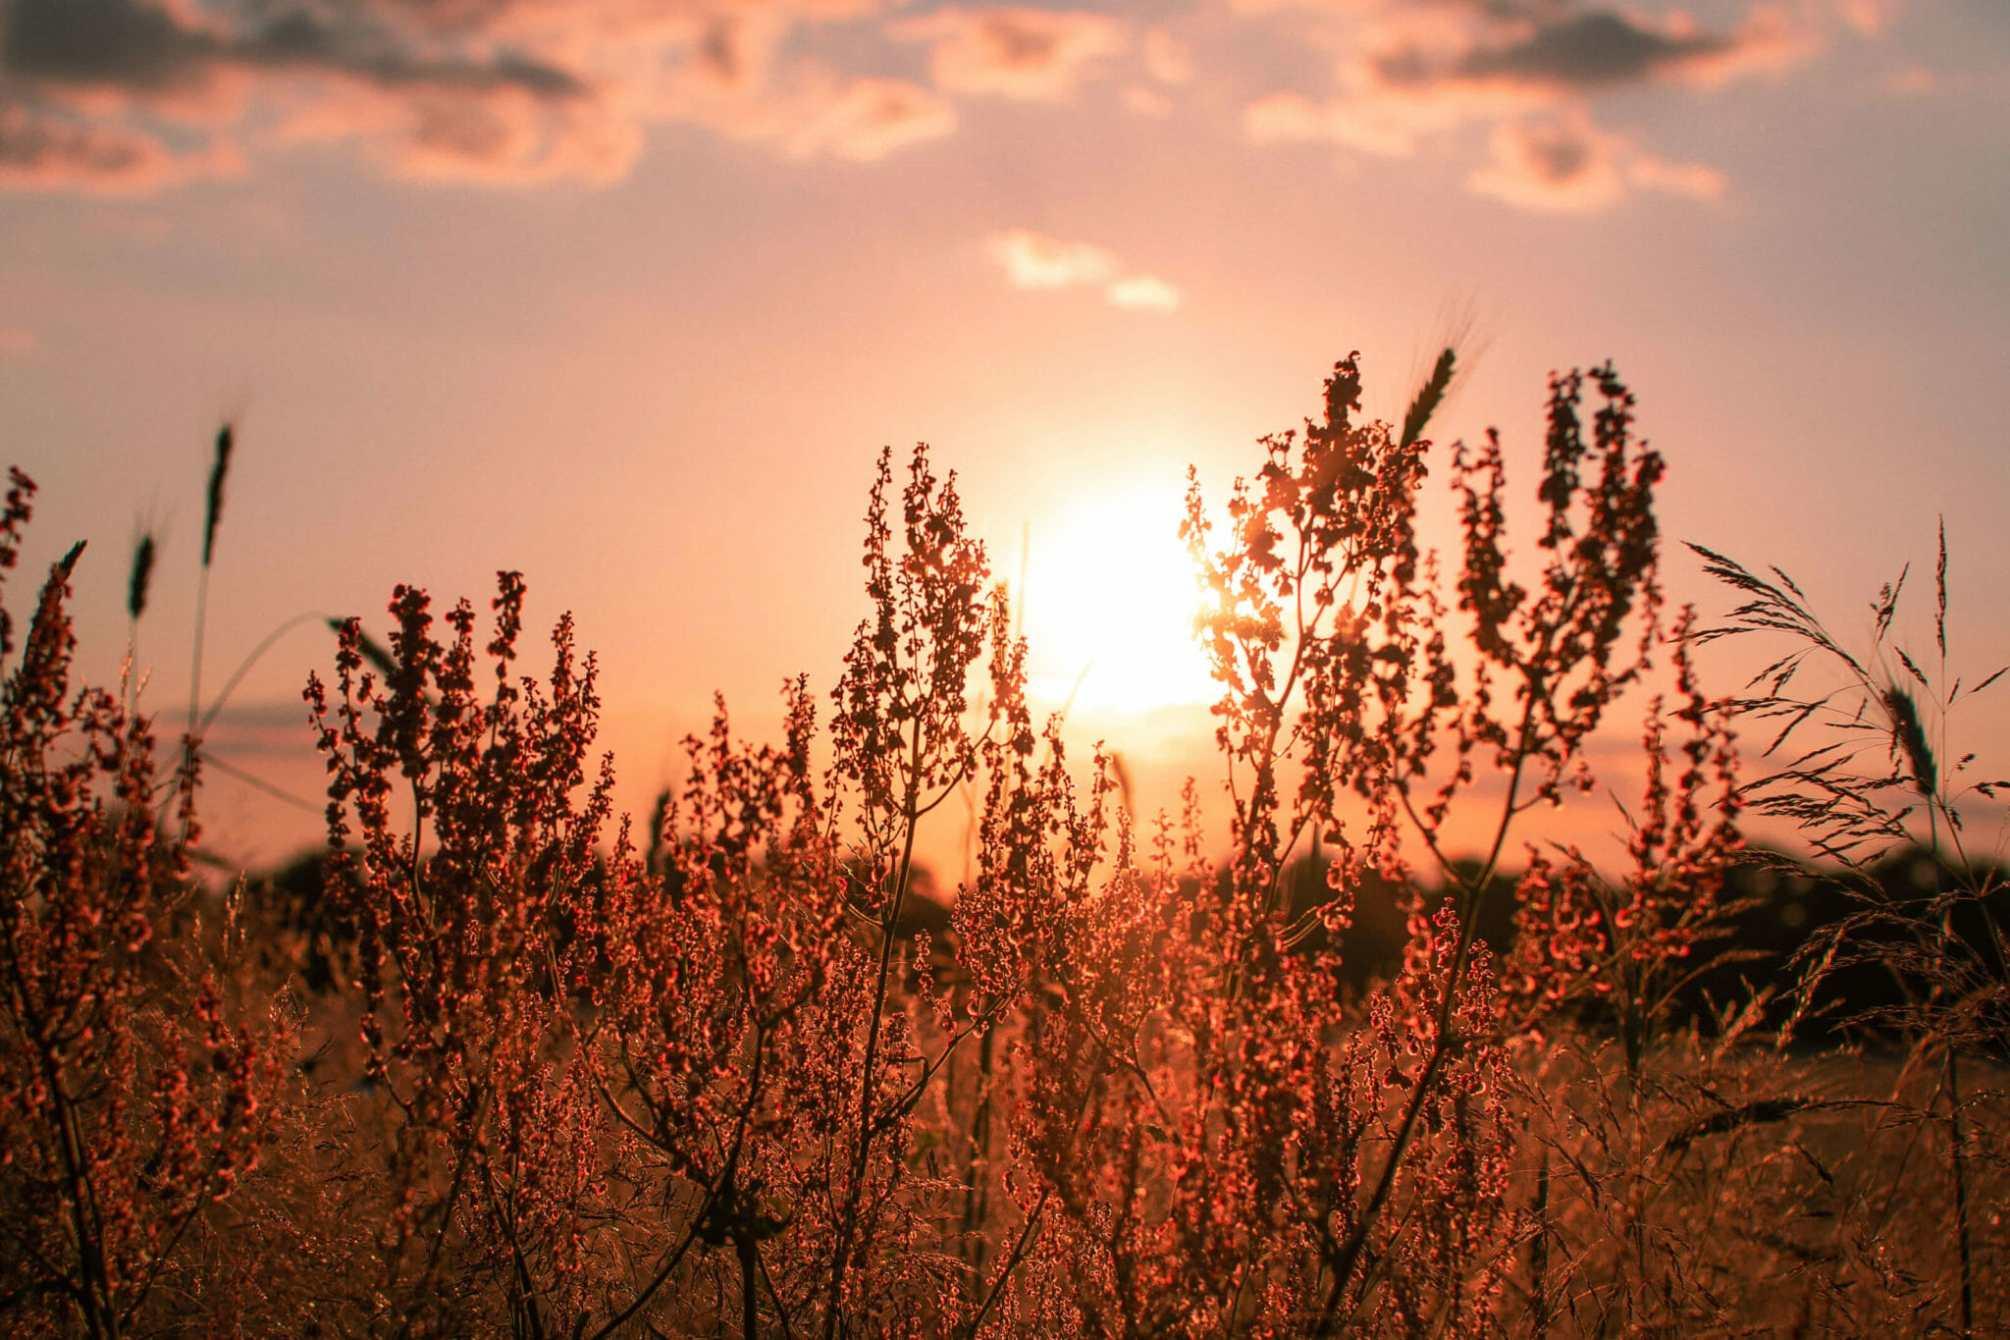 Pflanzen am Rande des Feldes in der Bornimer Feldflur